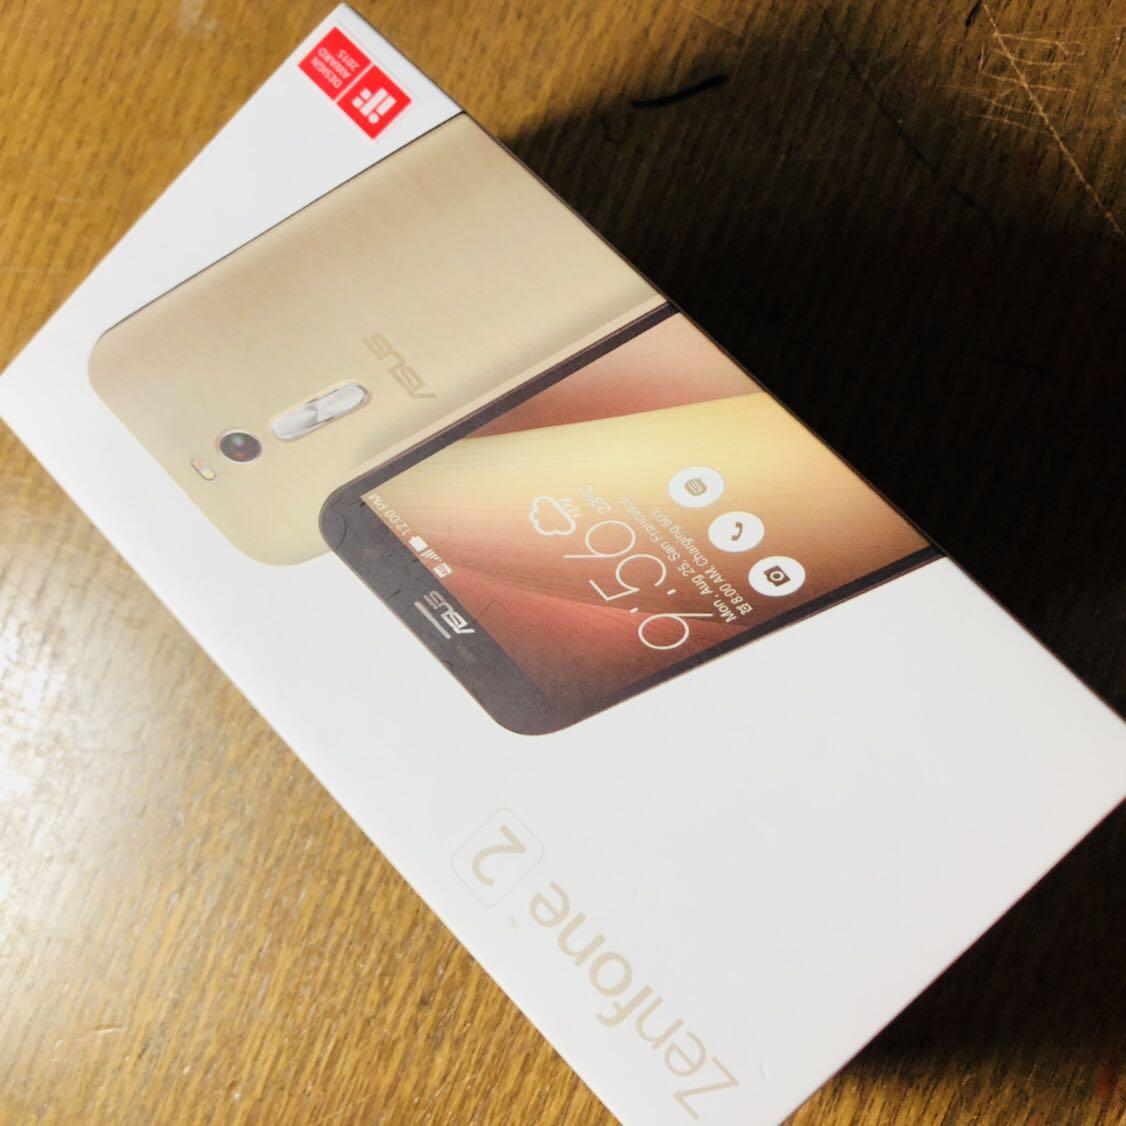 (美品)国内版 SIMフリーASUS Zenfone2 5.5インチ ( ZE551ML) 32GB LTE ブラック Dual SIM 反応 ゴールド_画像5